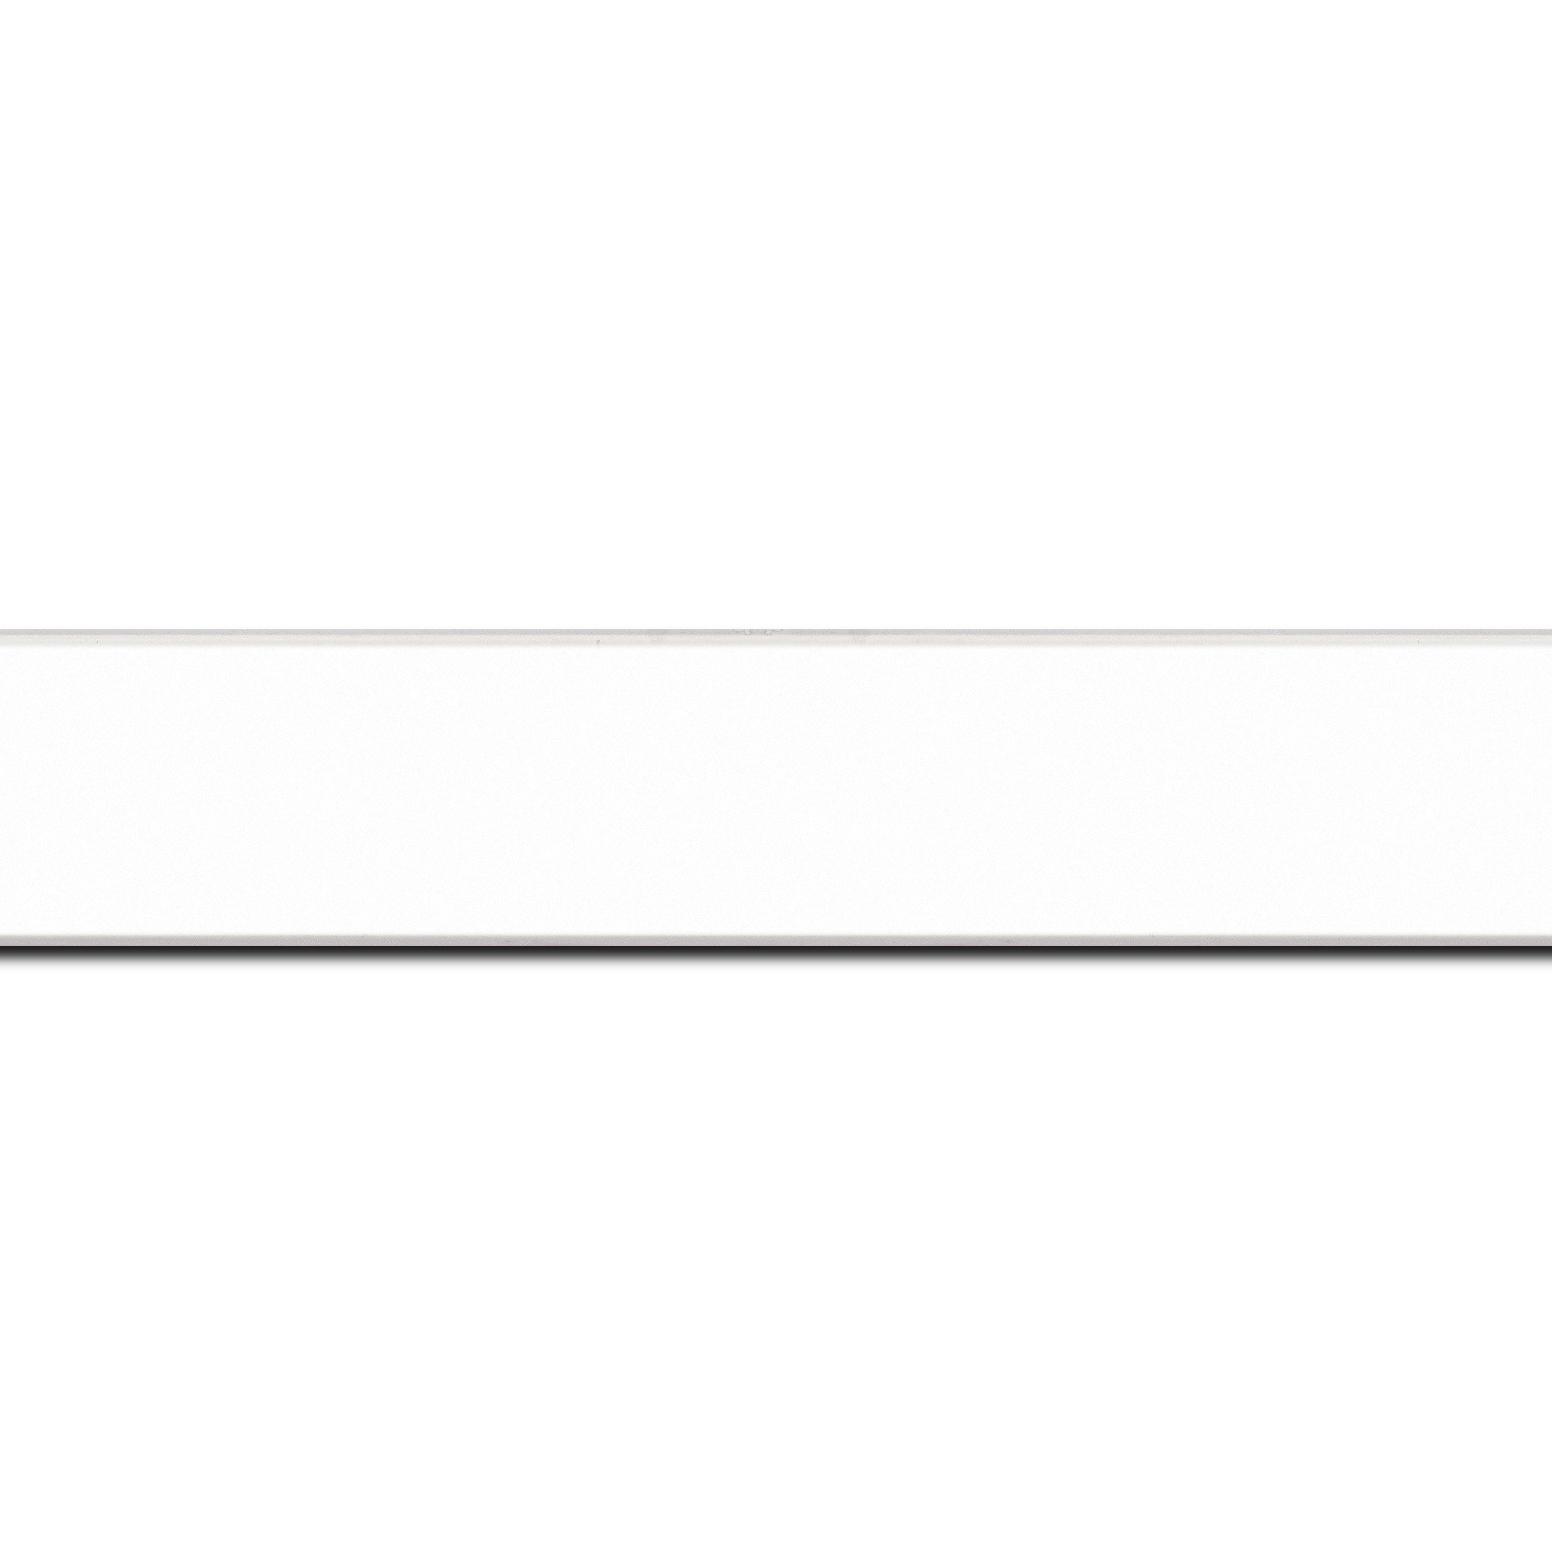 Baguette longueur 1.40m bois profil plat largeur 2.5cm hauteur 4.8cm couleur blanc mat finition pore bouché (hauteur feuillure 4.3cm )